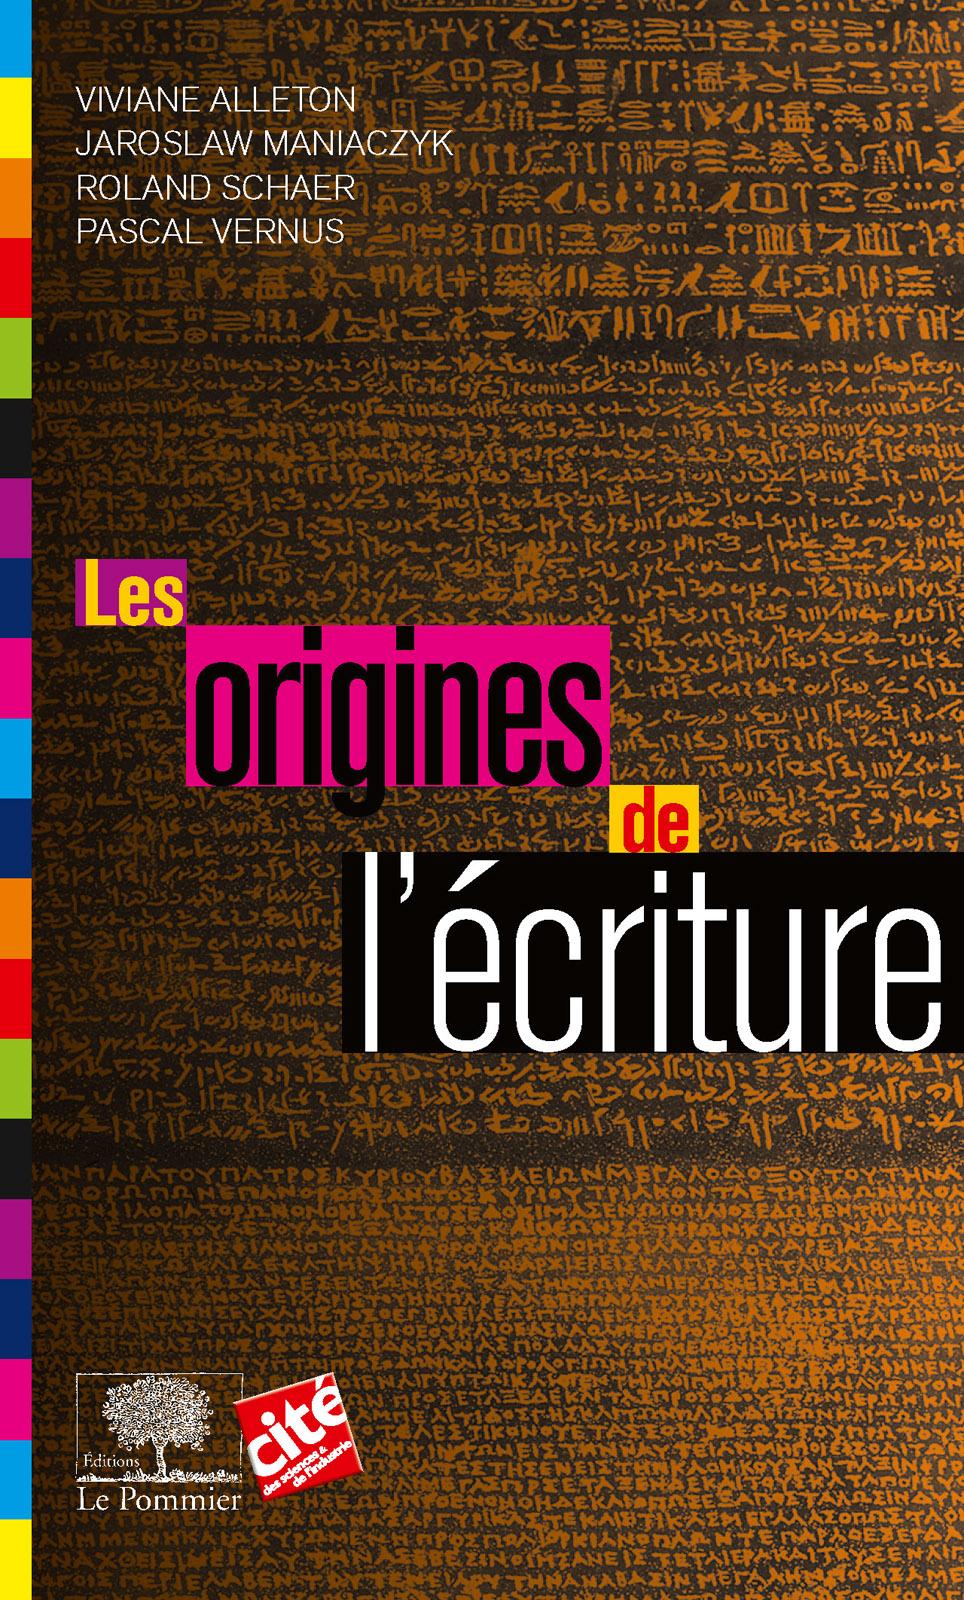 Les Origines de l'écriture